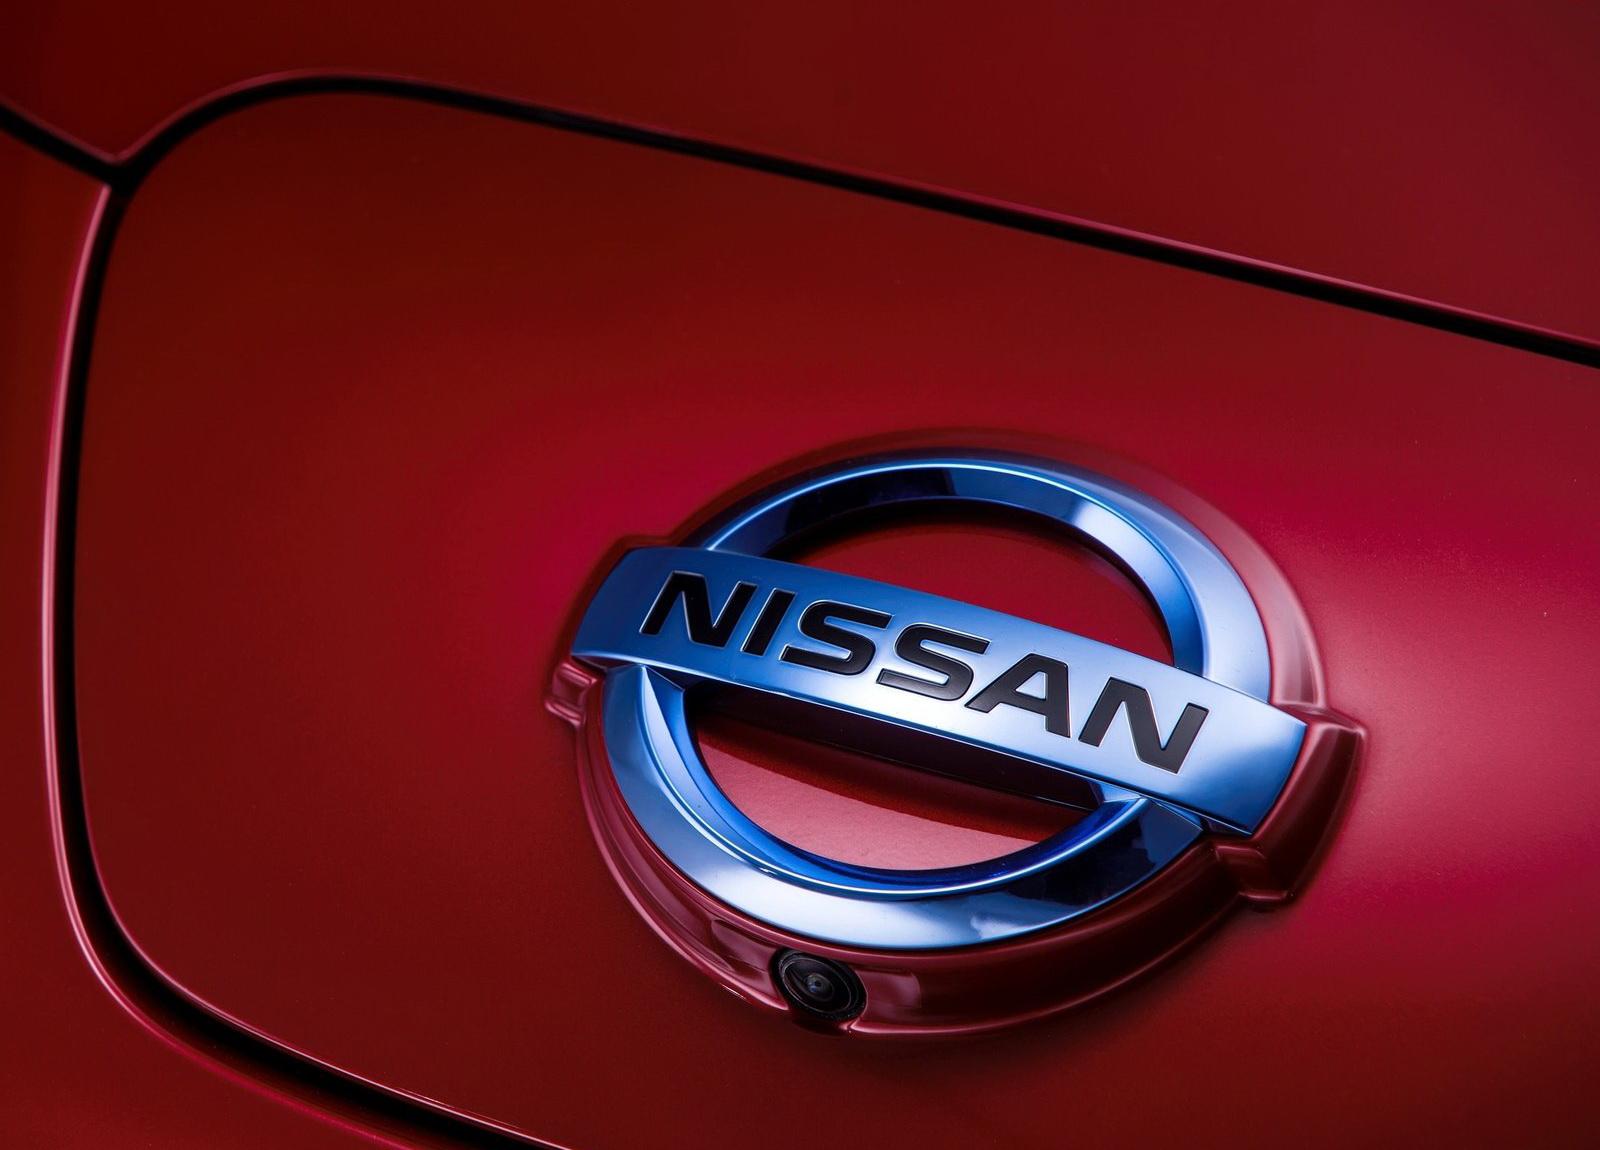 Nissan Logo  Nissan Logo Company Logos Masterauto Wordpresscom on